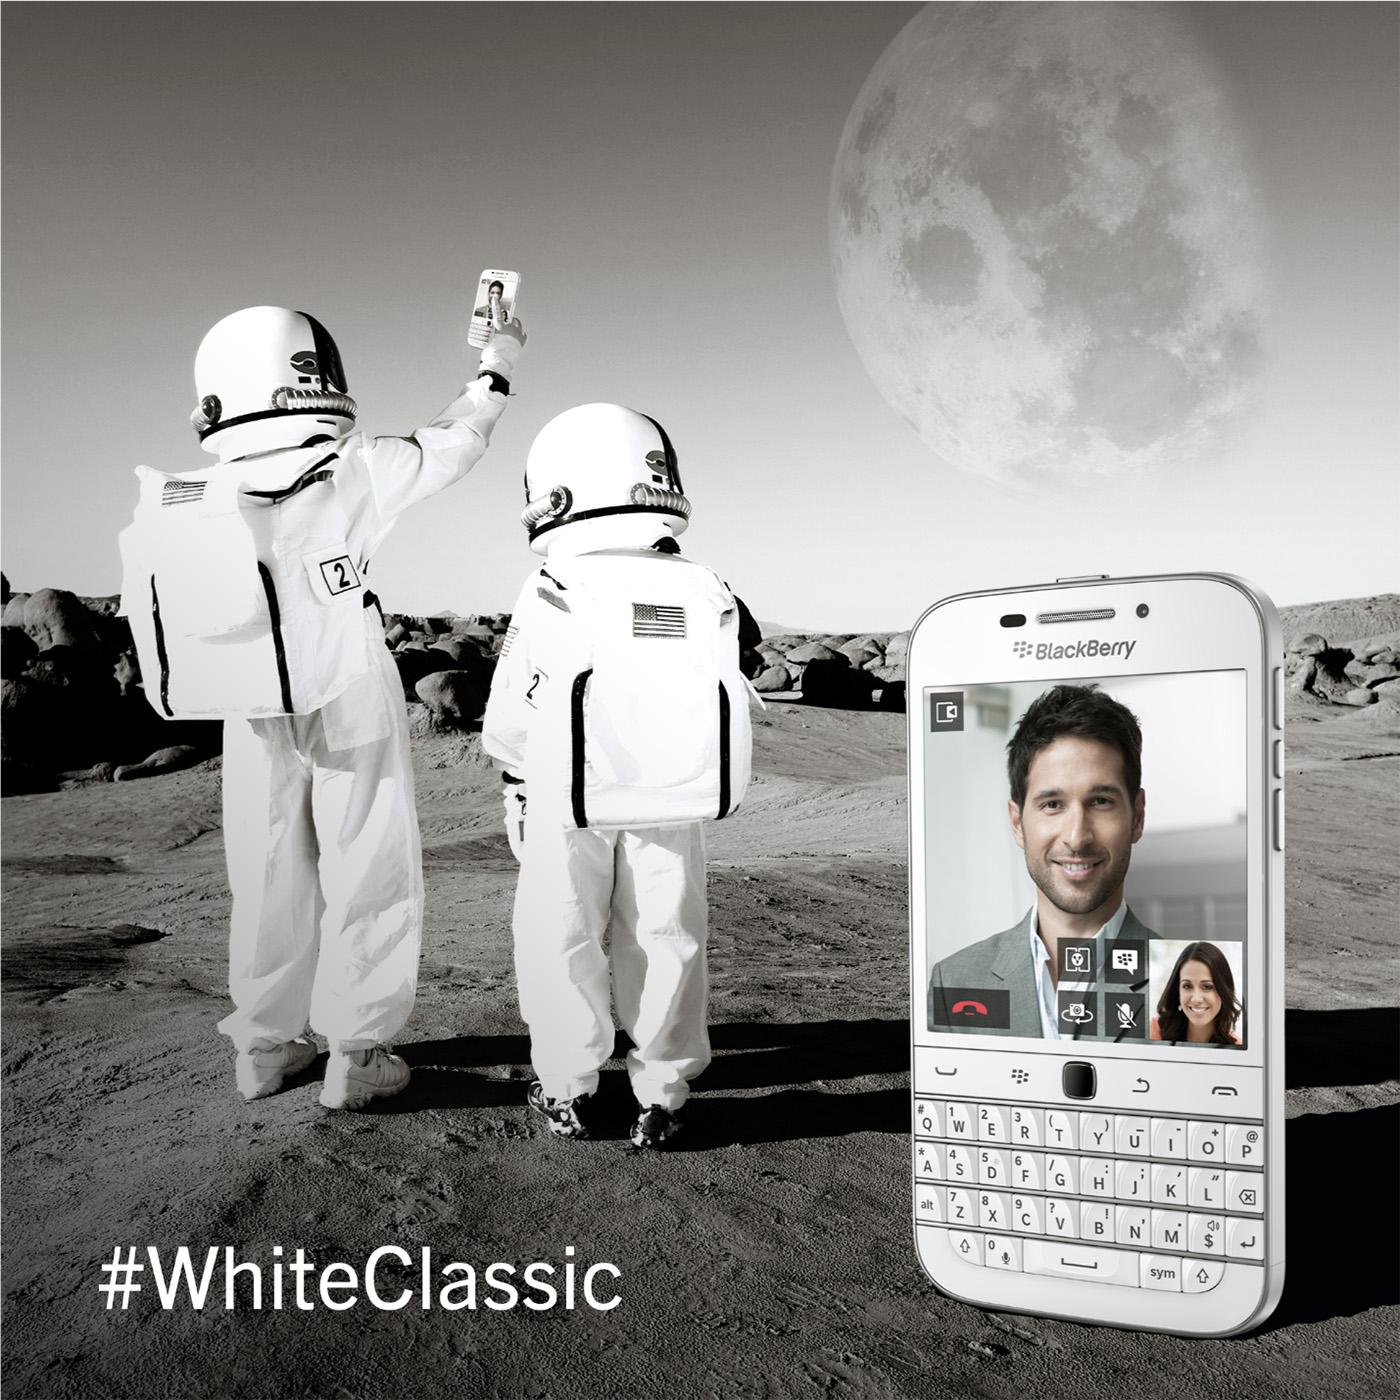 white-classic-astronauts copy